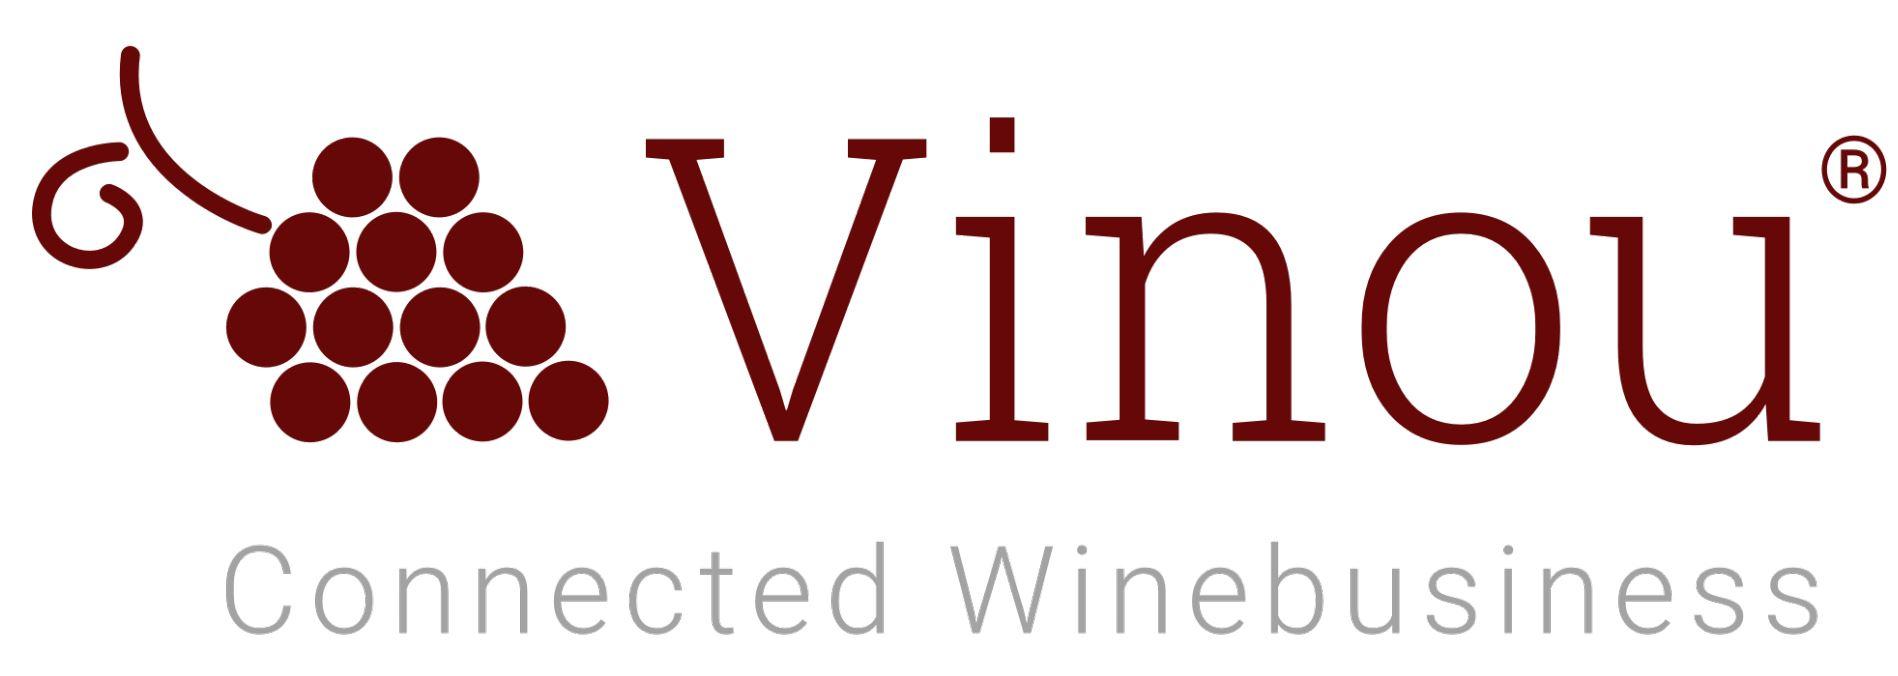 Vinou